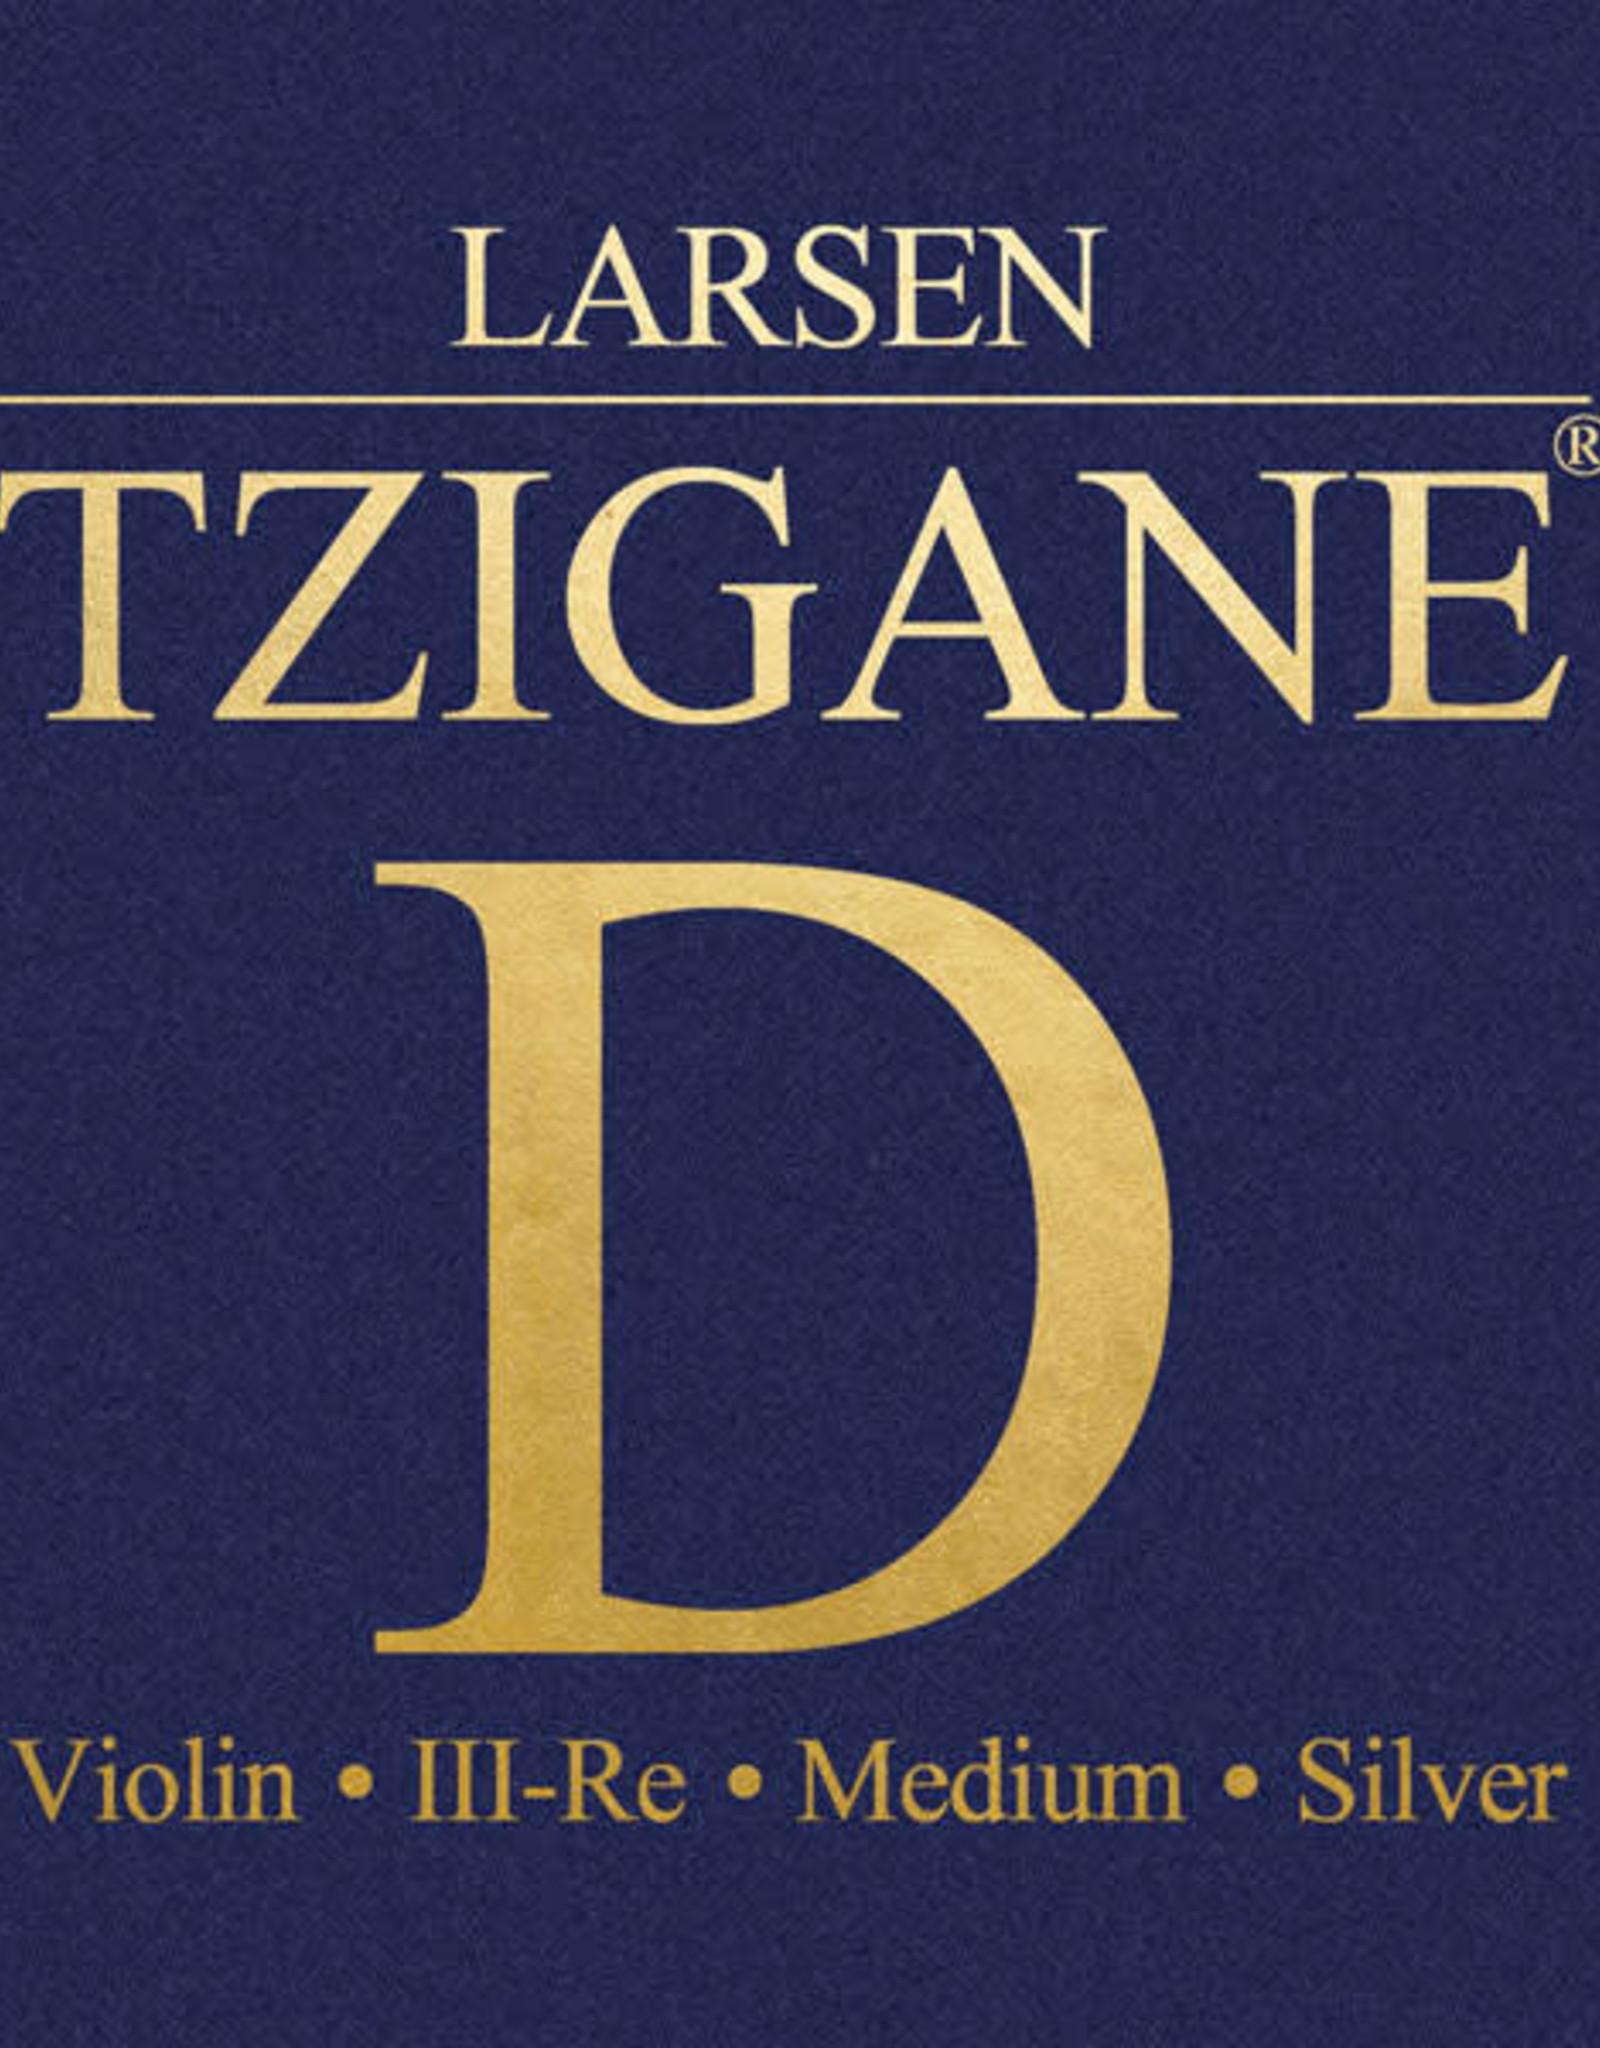 LARSEN Tzigane vioolsnaar re (d-3)